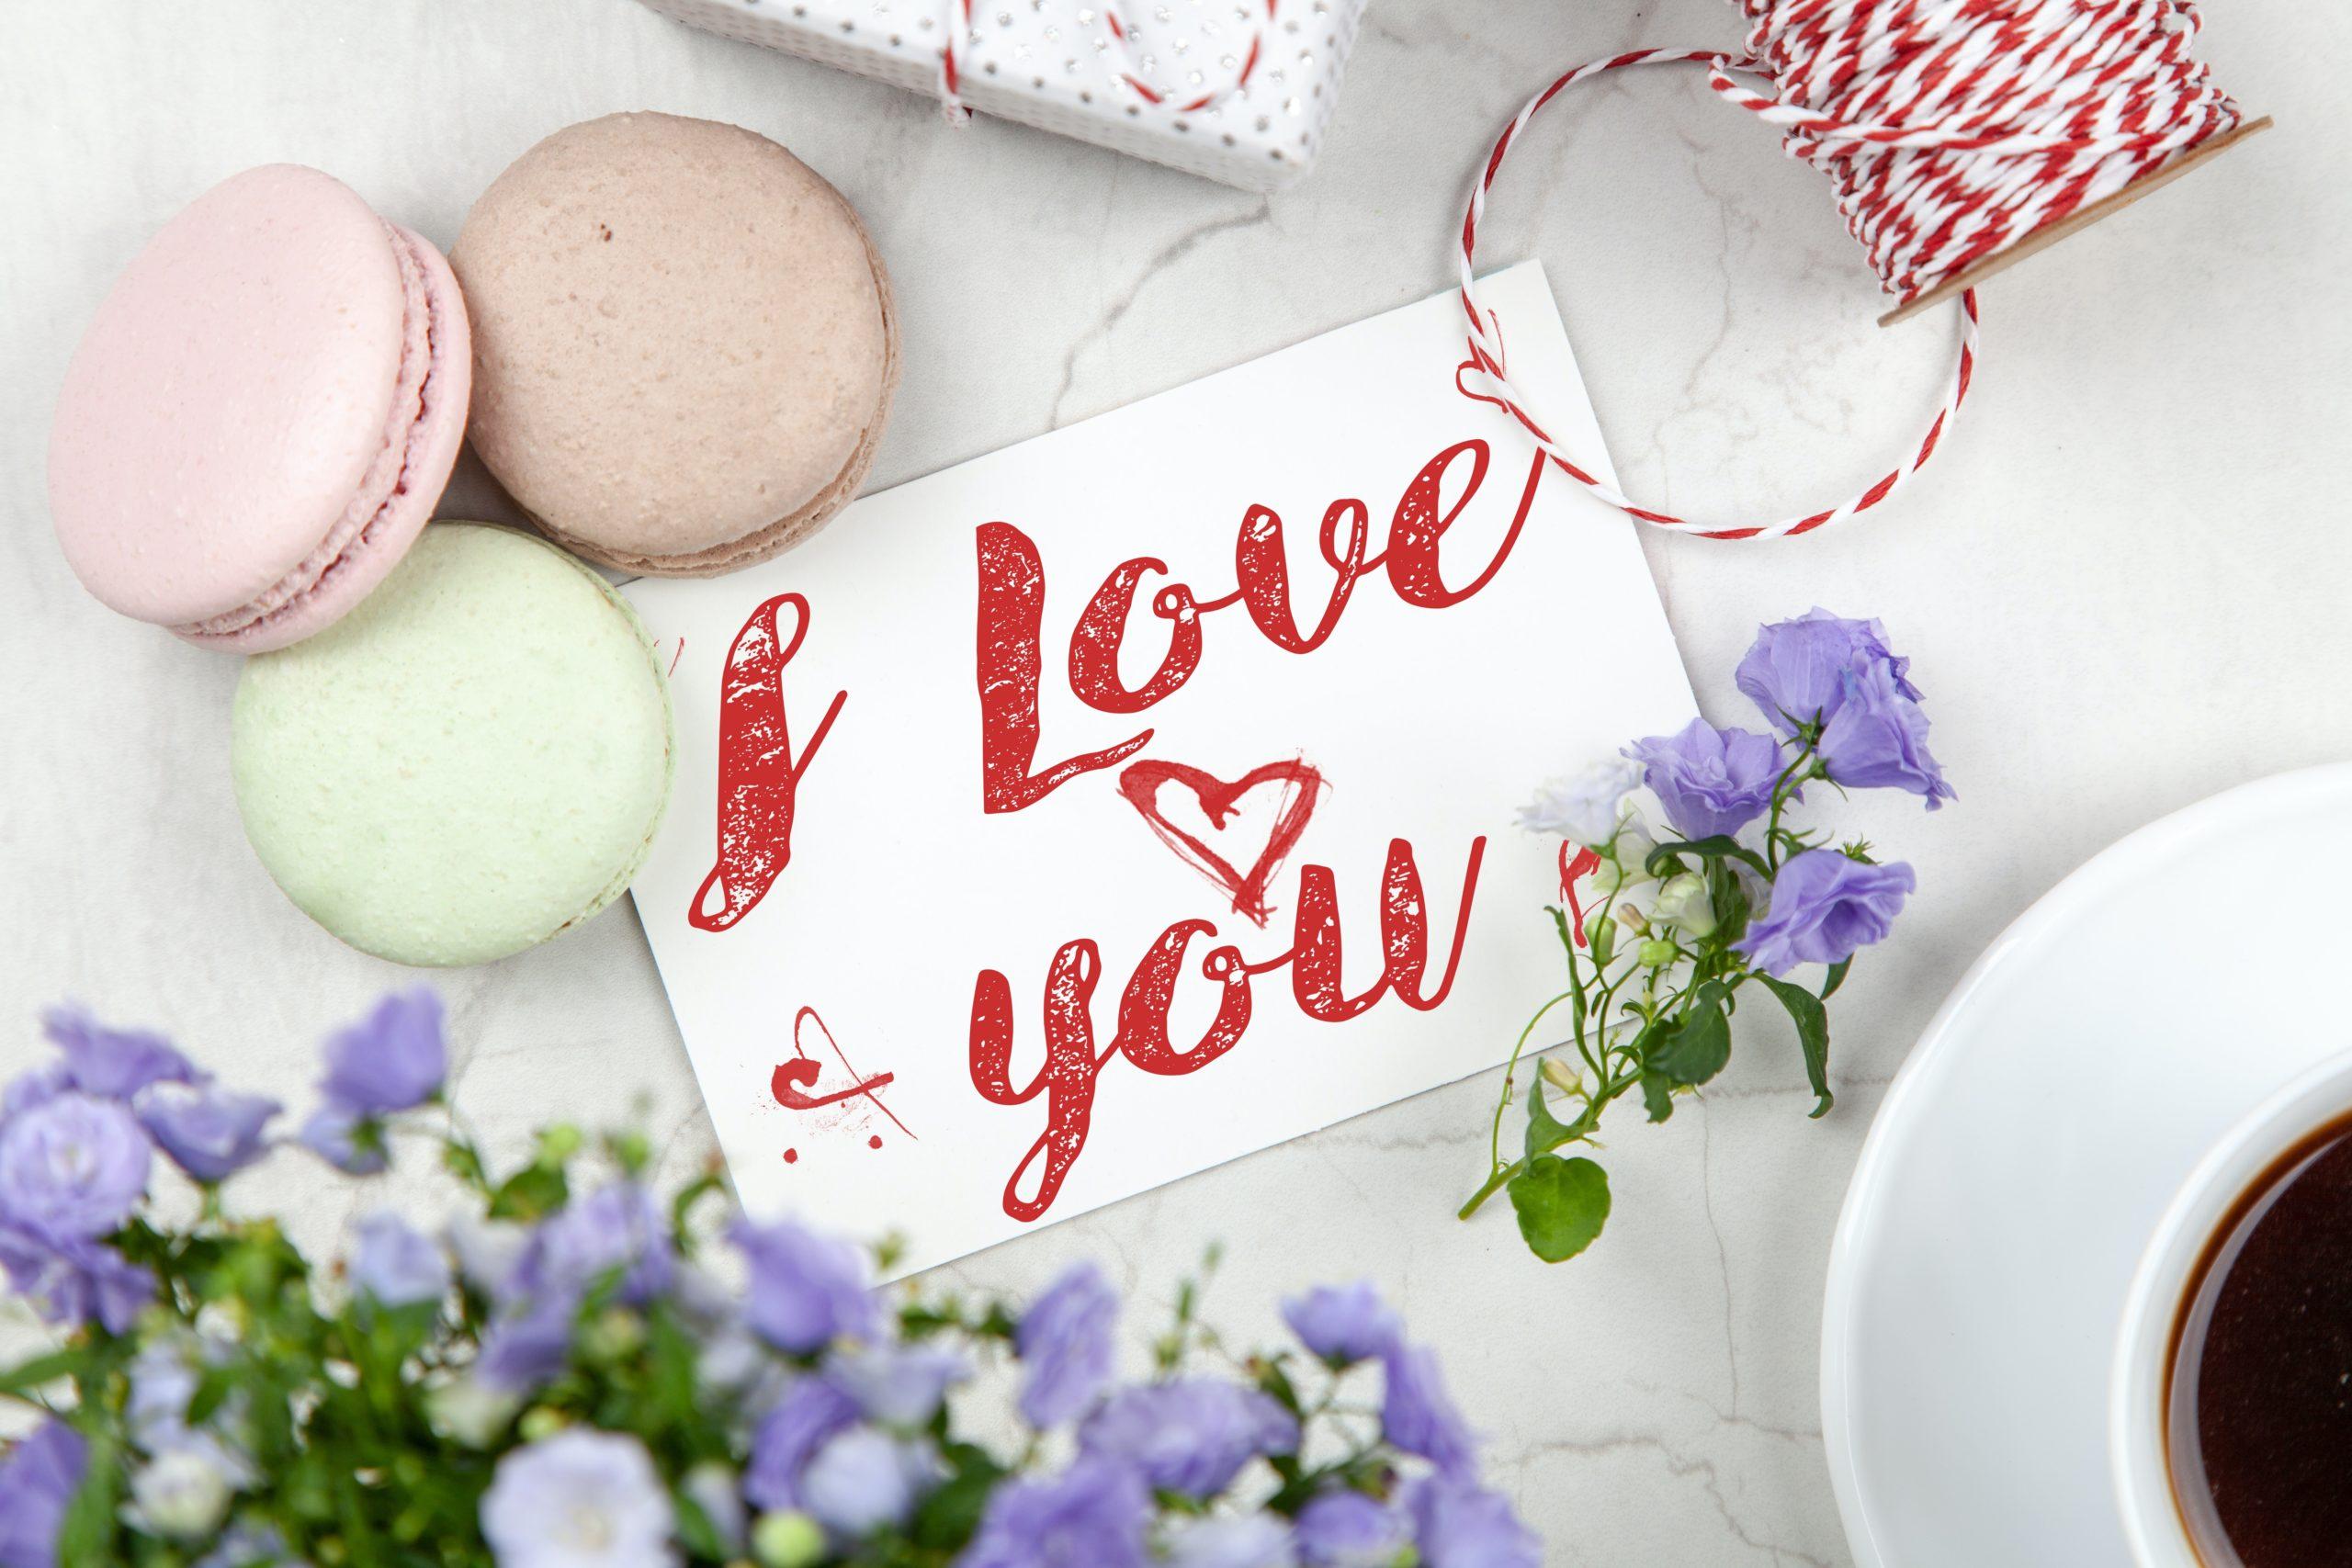 """Auf einer Karte steht """"I Love You"""" (Ich liebe dich). Neben der Karte liegen Kekse und es steht auch eine Kaffeetasse und ein Blumenstrauß daneben."""